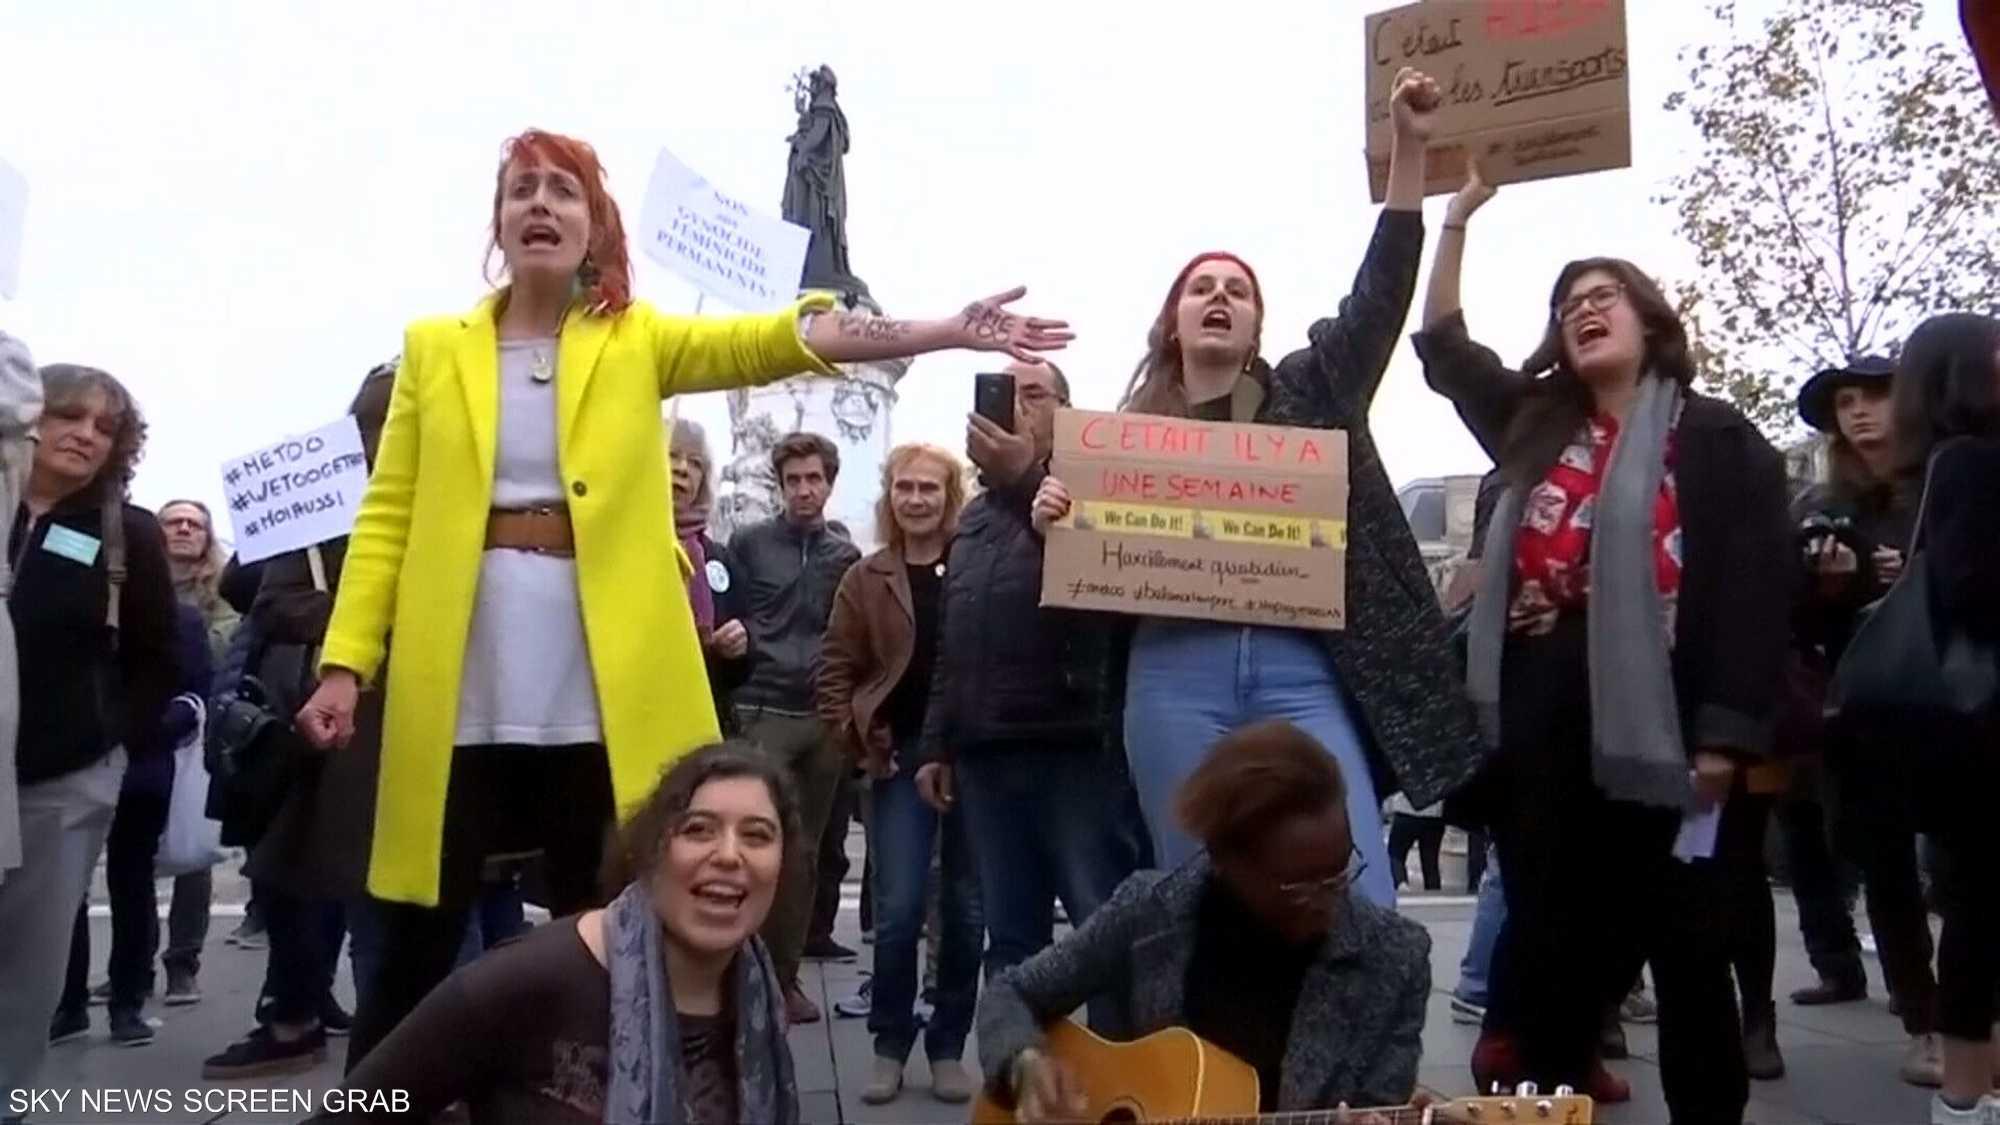 محافل فنية تشترط زيادة تمثيل المرأة في الفعاليات